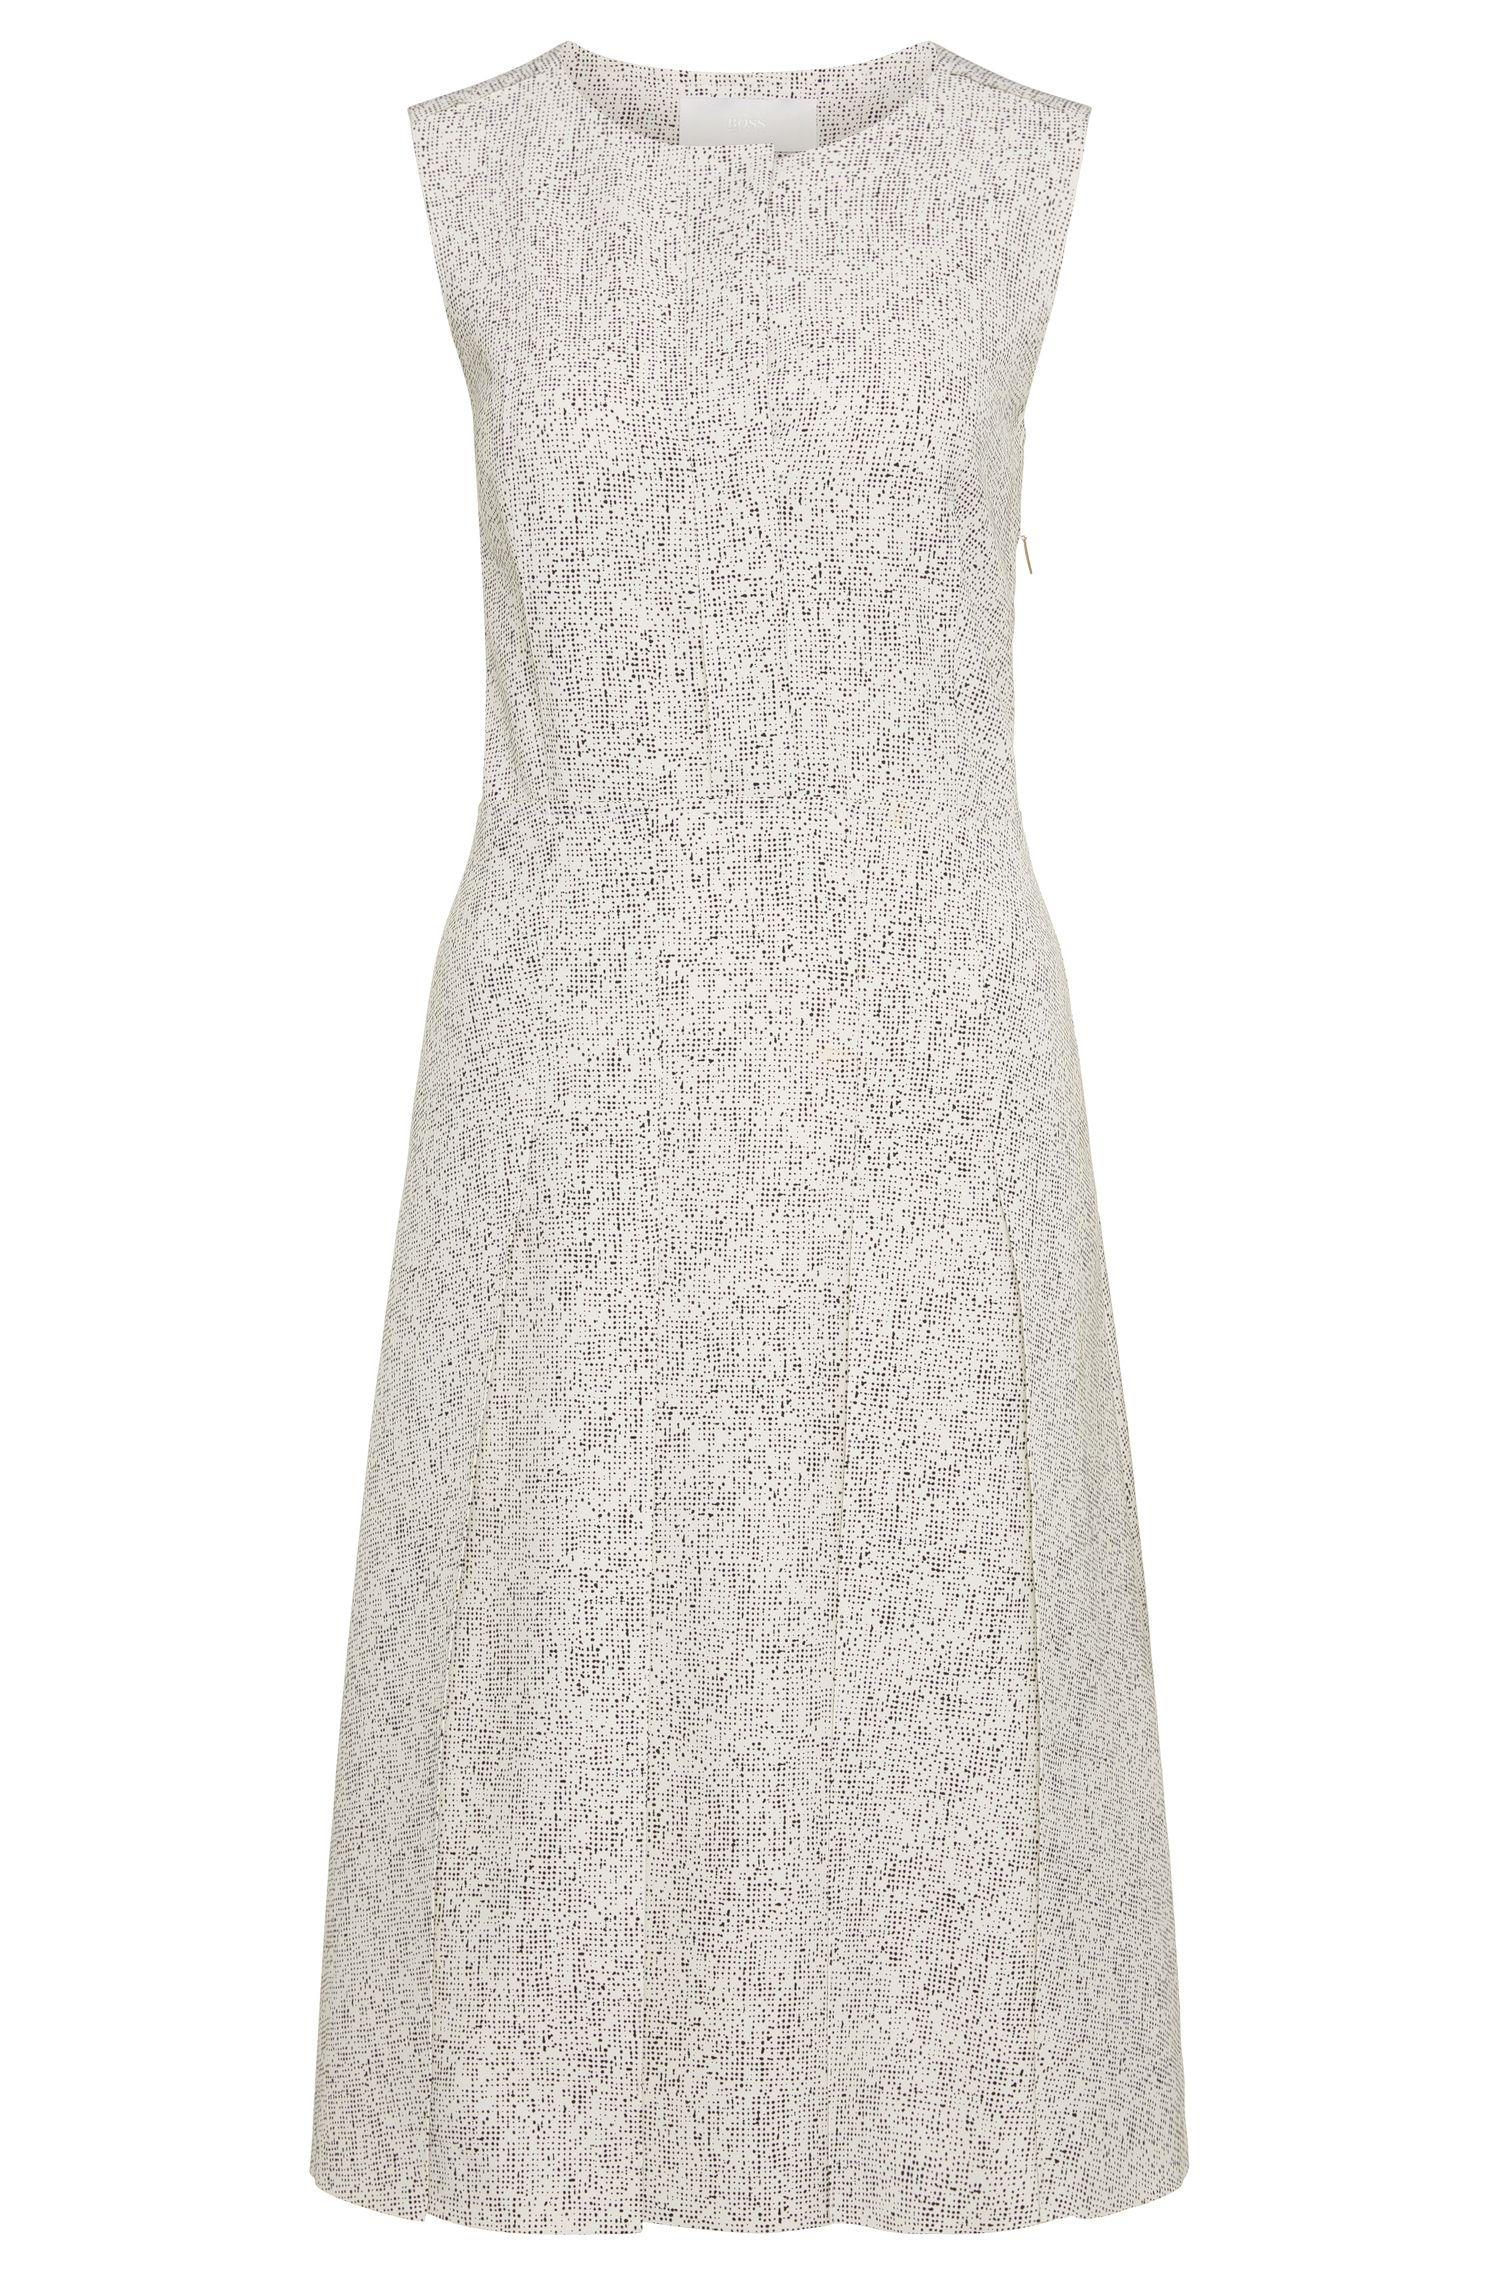 Ärmelloses Kleid mit Punkte-Muster: 'Helicia'